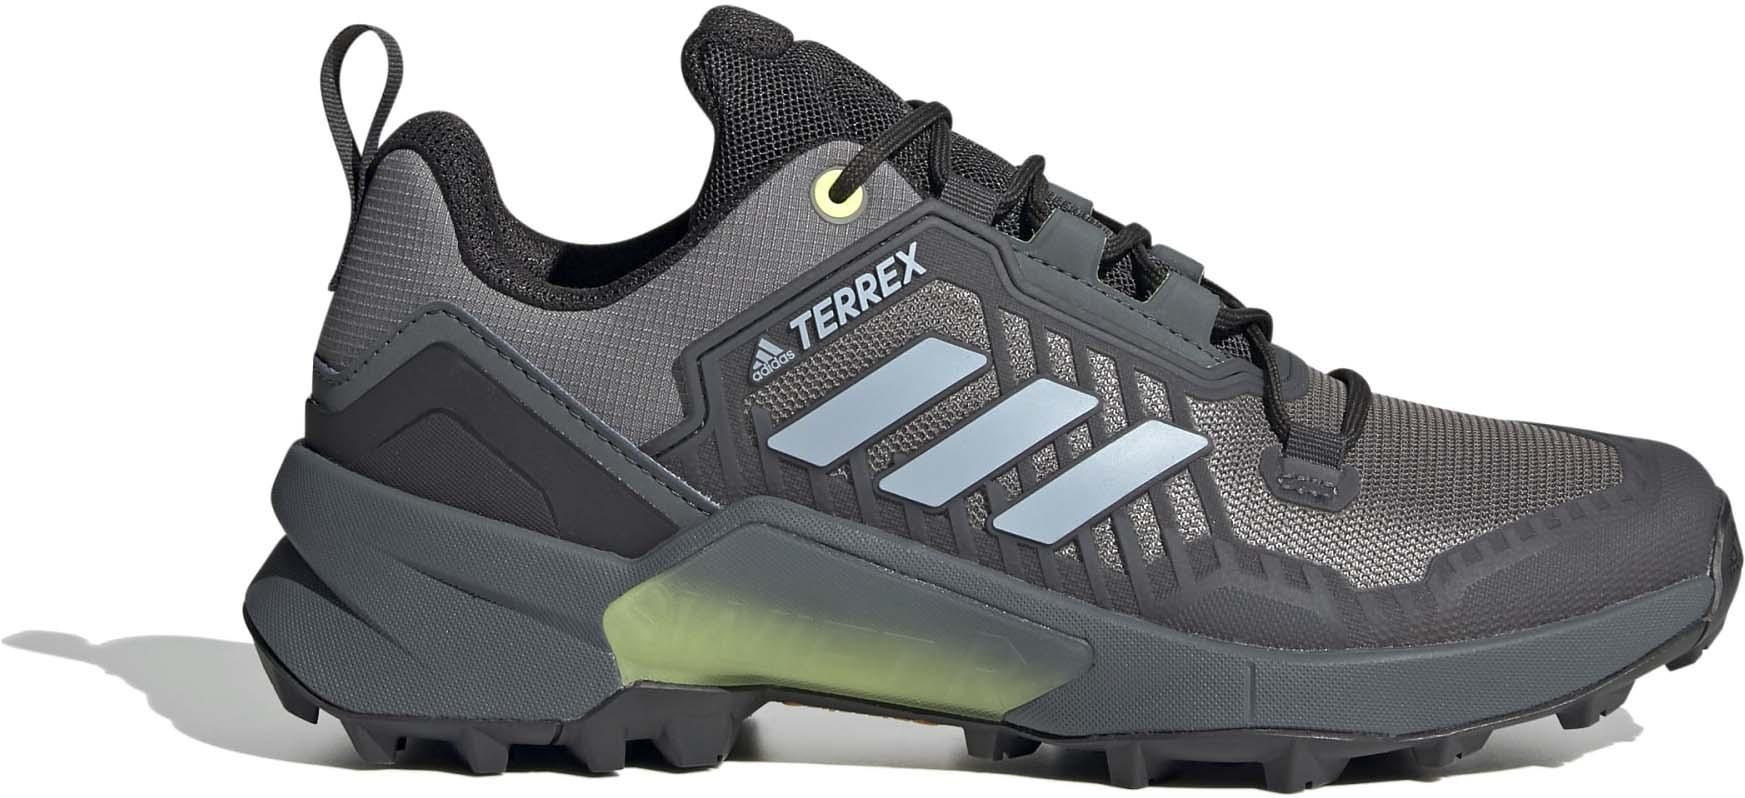 Adidas Outdoor Terrex Swift R3 Shoes - Women's